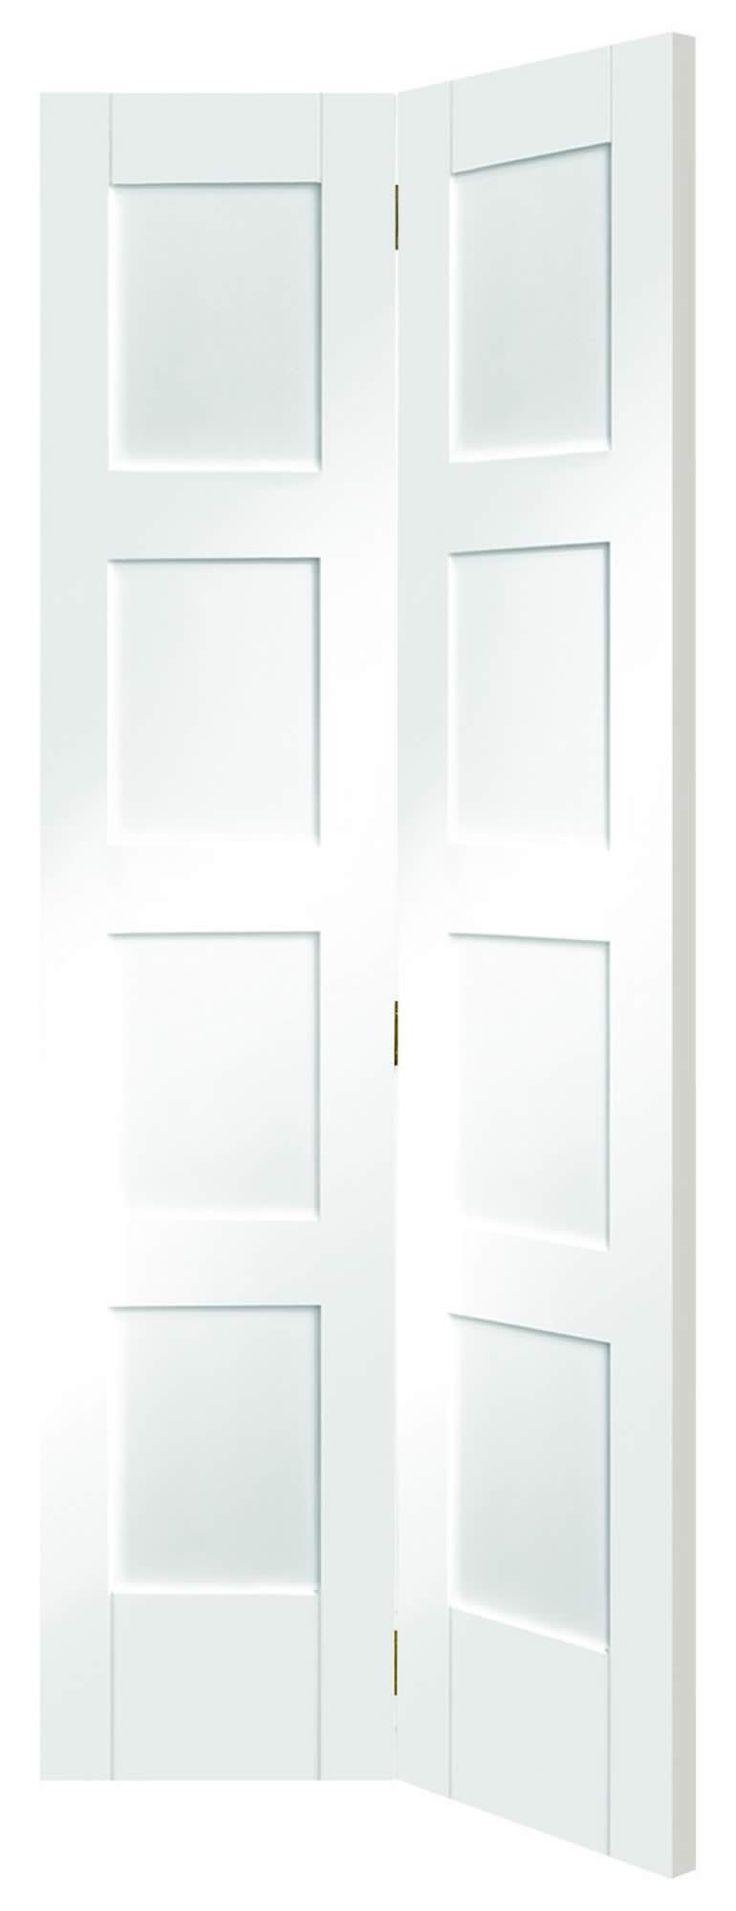 Bi Fold Doors For Bathroom - Shaker 4 panel white pre primed clear glazed bi fold internal doors